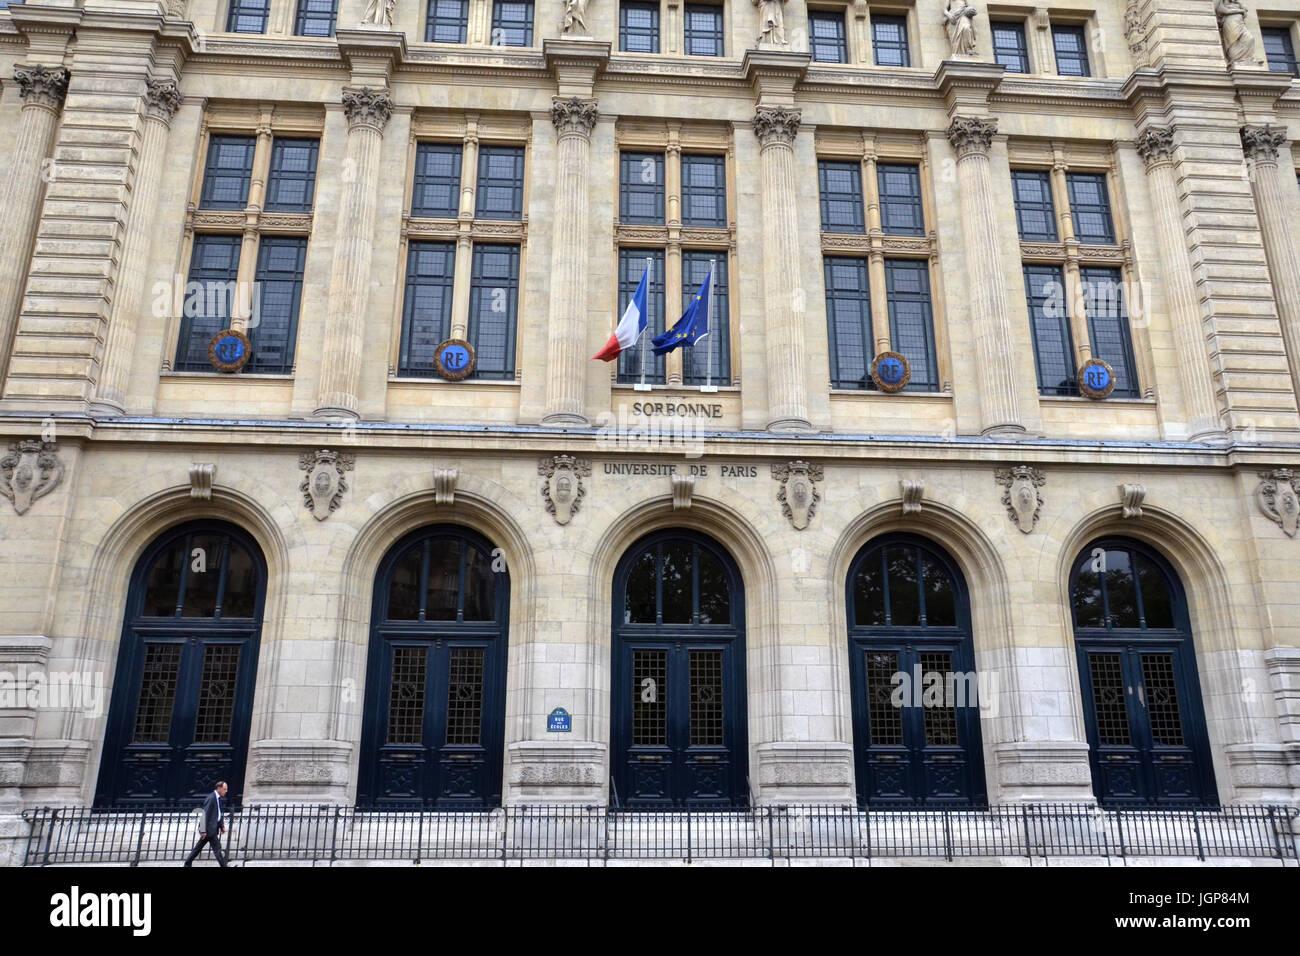 PARIS - AUG 11:  A man walks past Paris-Sorbonne University in Paris, France on August 11, 2016. It is one of the - Stock Image